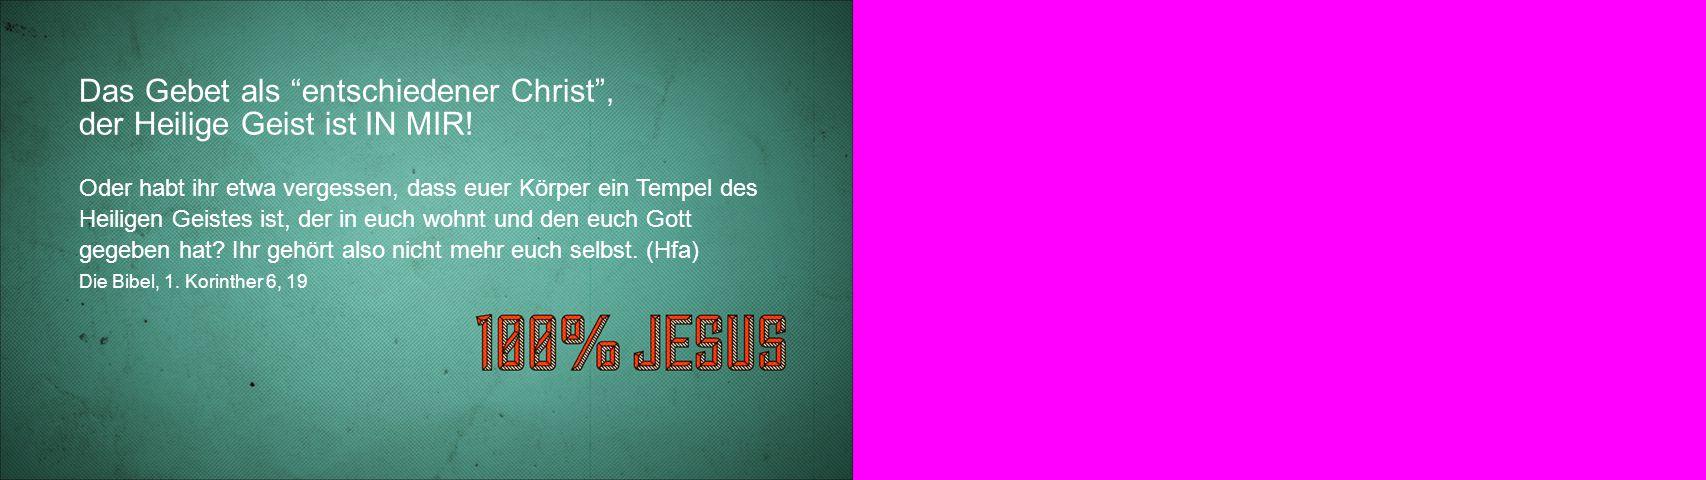 Das Gebet als erweckter Christ , der Heilige Geist ist ÜBER MIR.